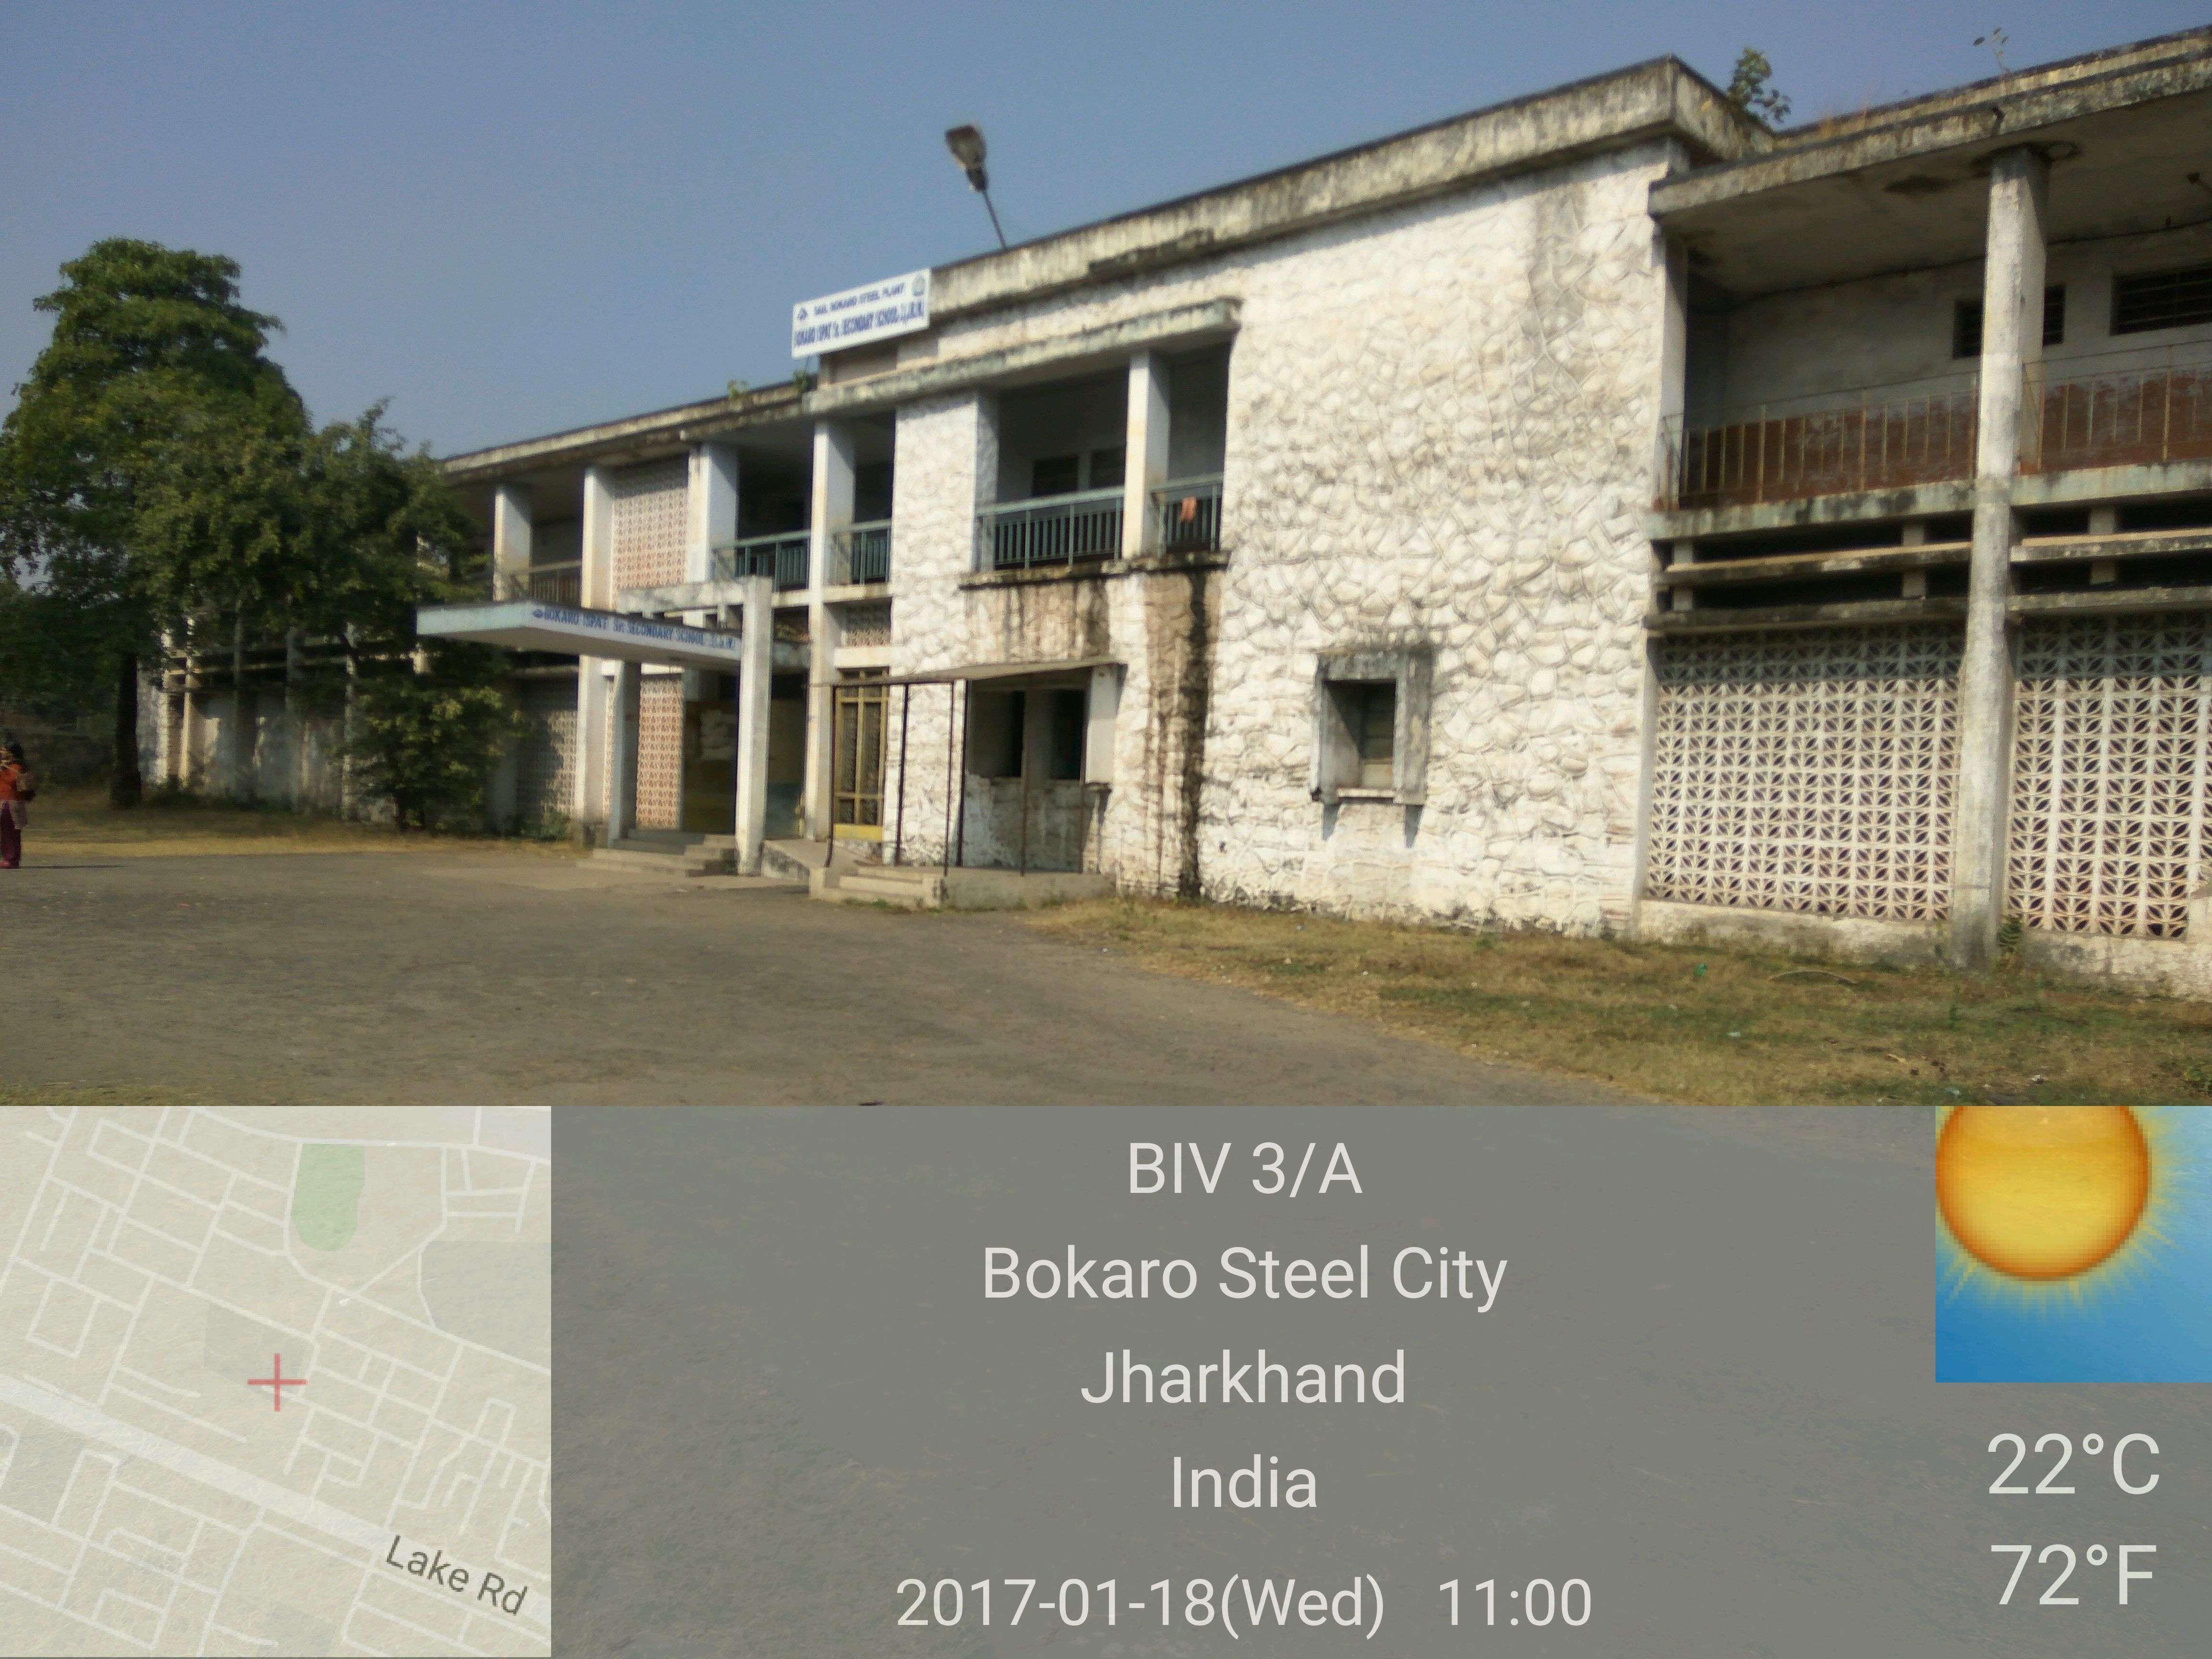 BOKARO ISPAT VIDYALAYA SECTOR III A BOKARO STEEL CITY JHARKHAND 3430062